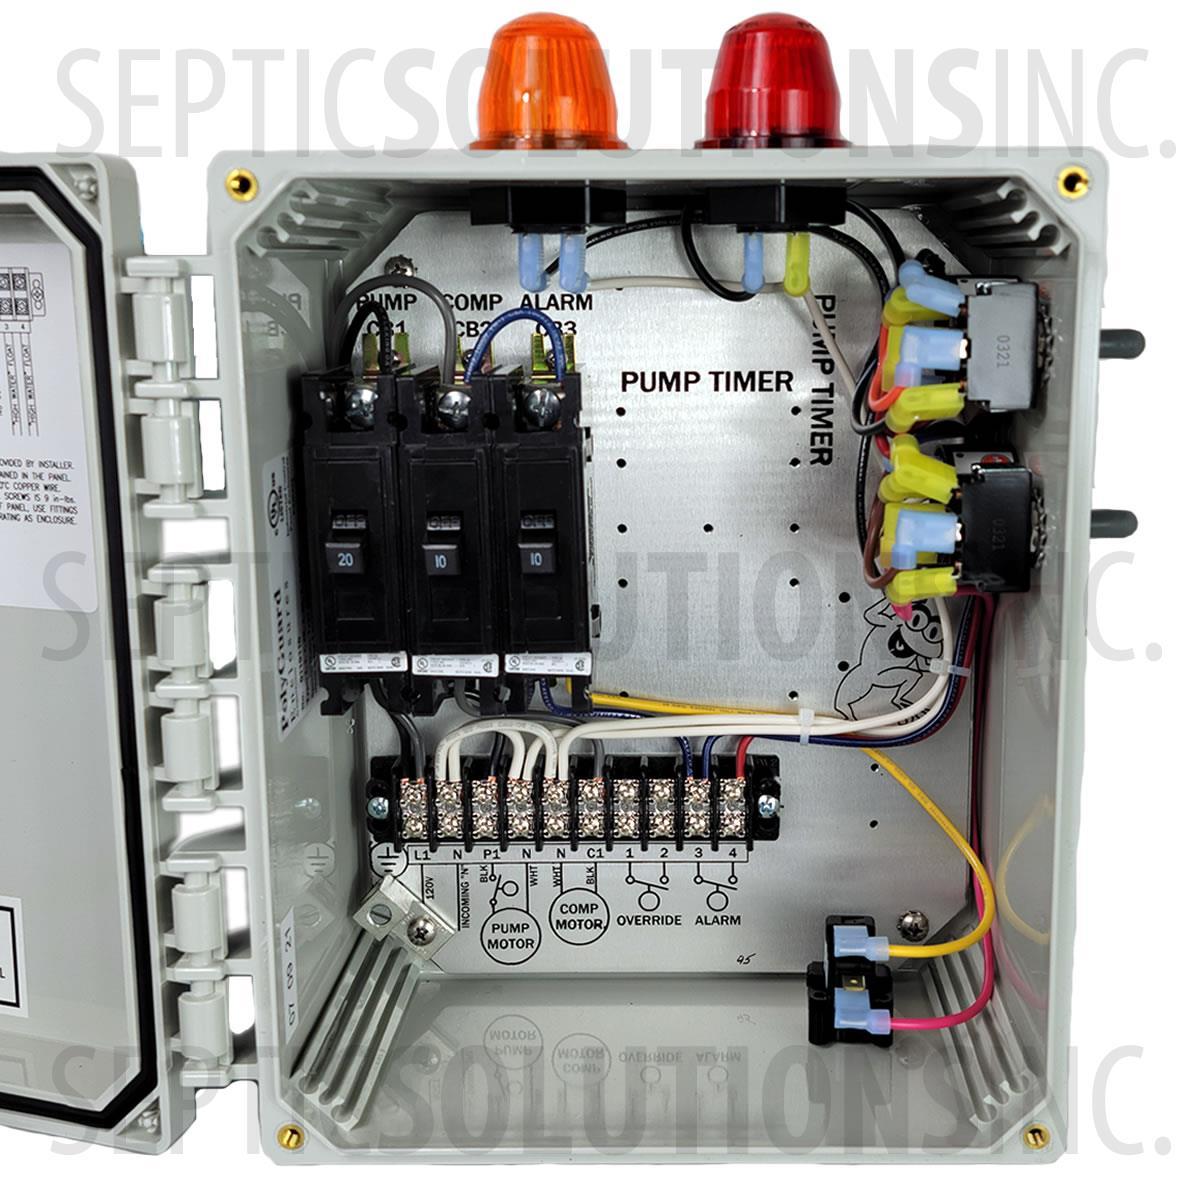 aerobic septic system wiring diagram wiring diagram rh 14 malibustixx de Septic Tank Control Wiring Diagram